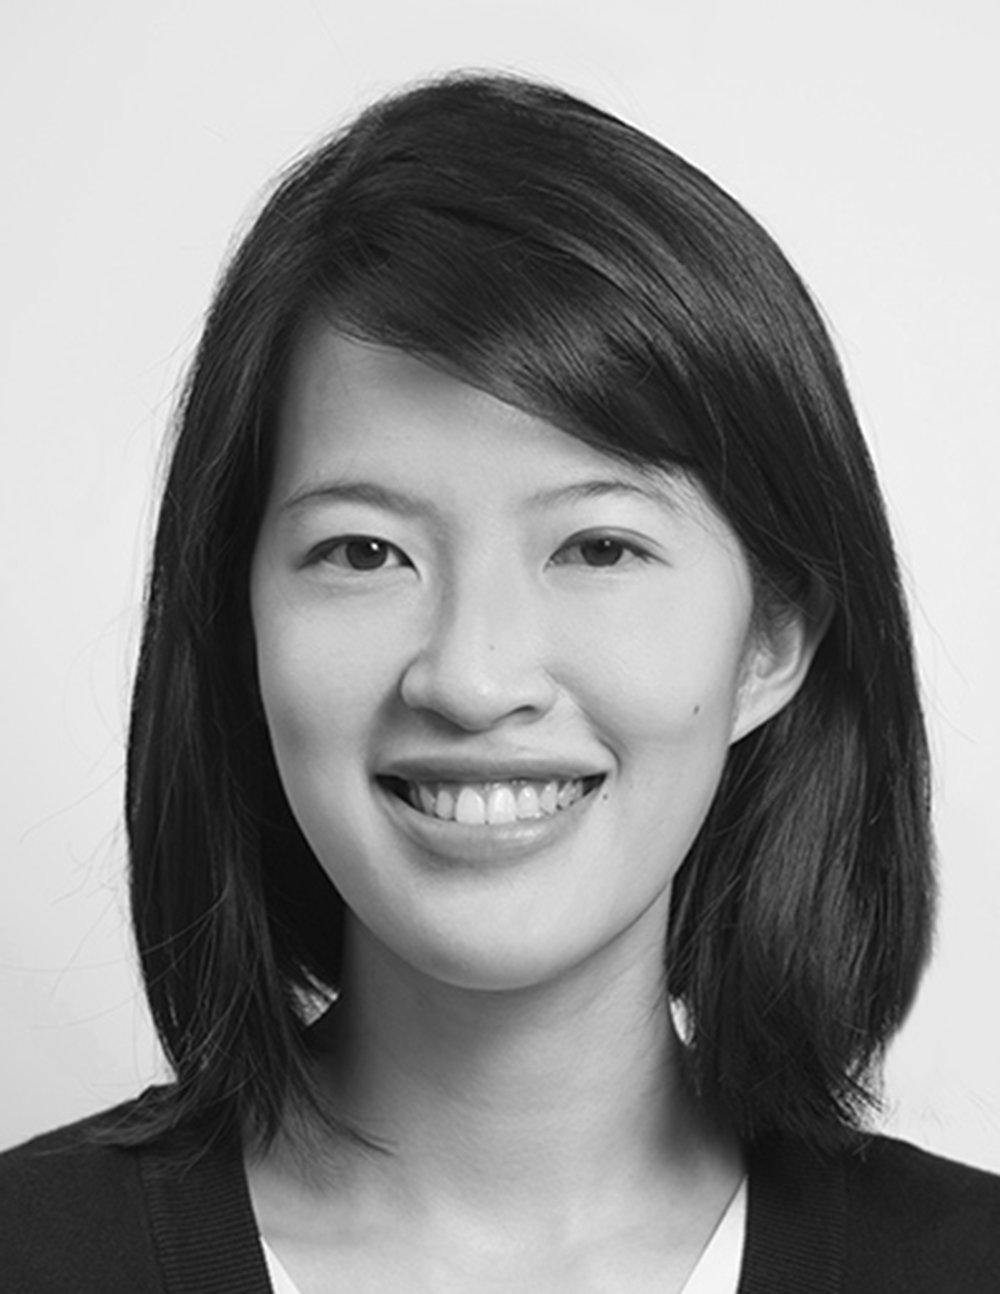 Marissa Chen